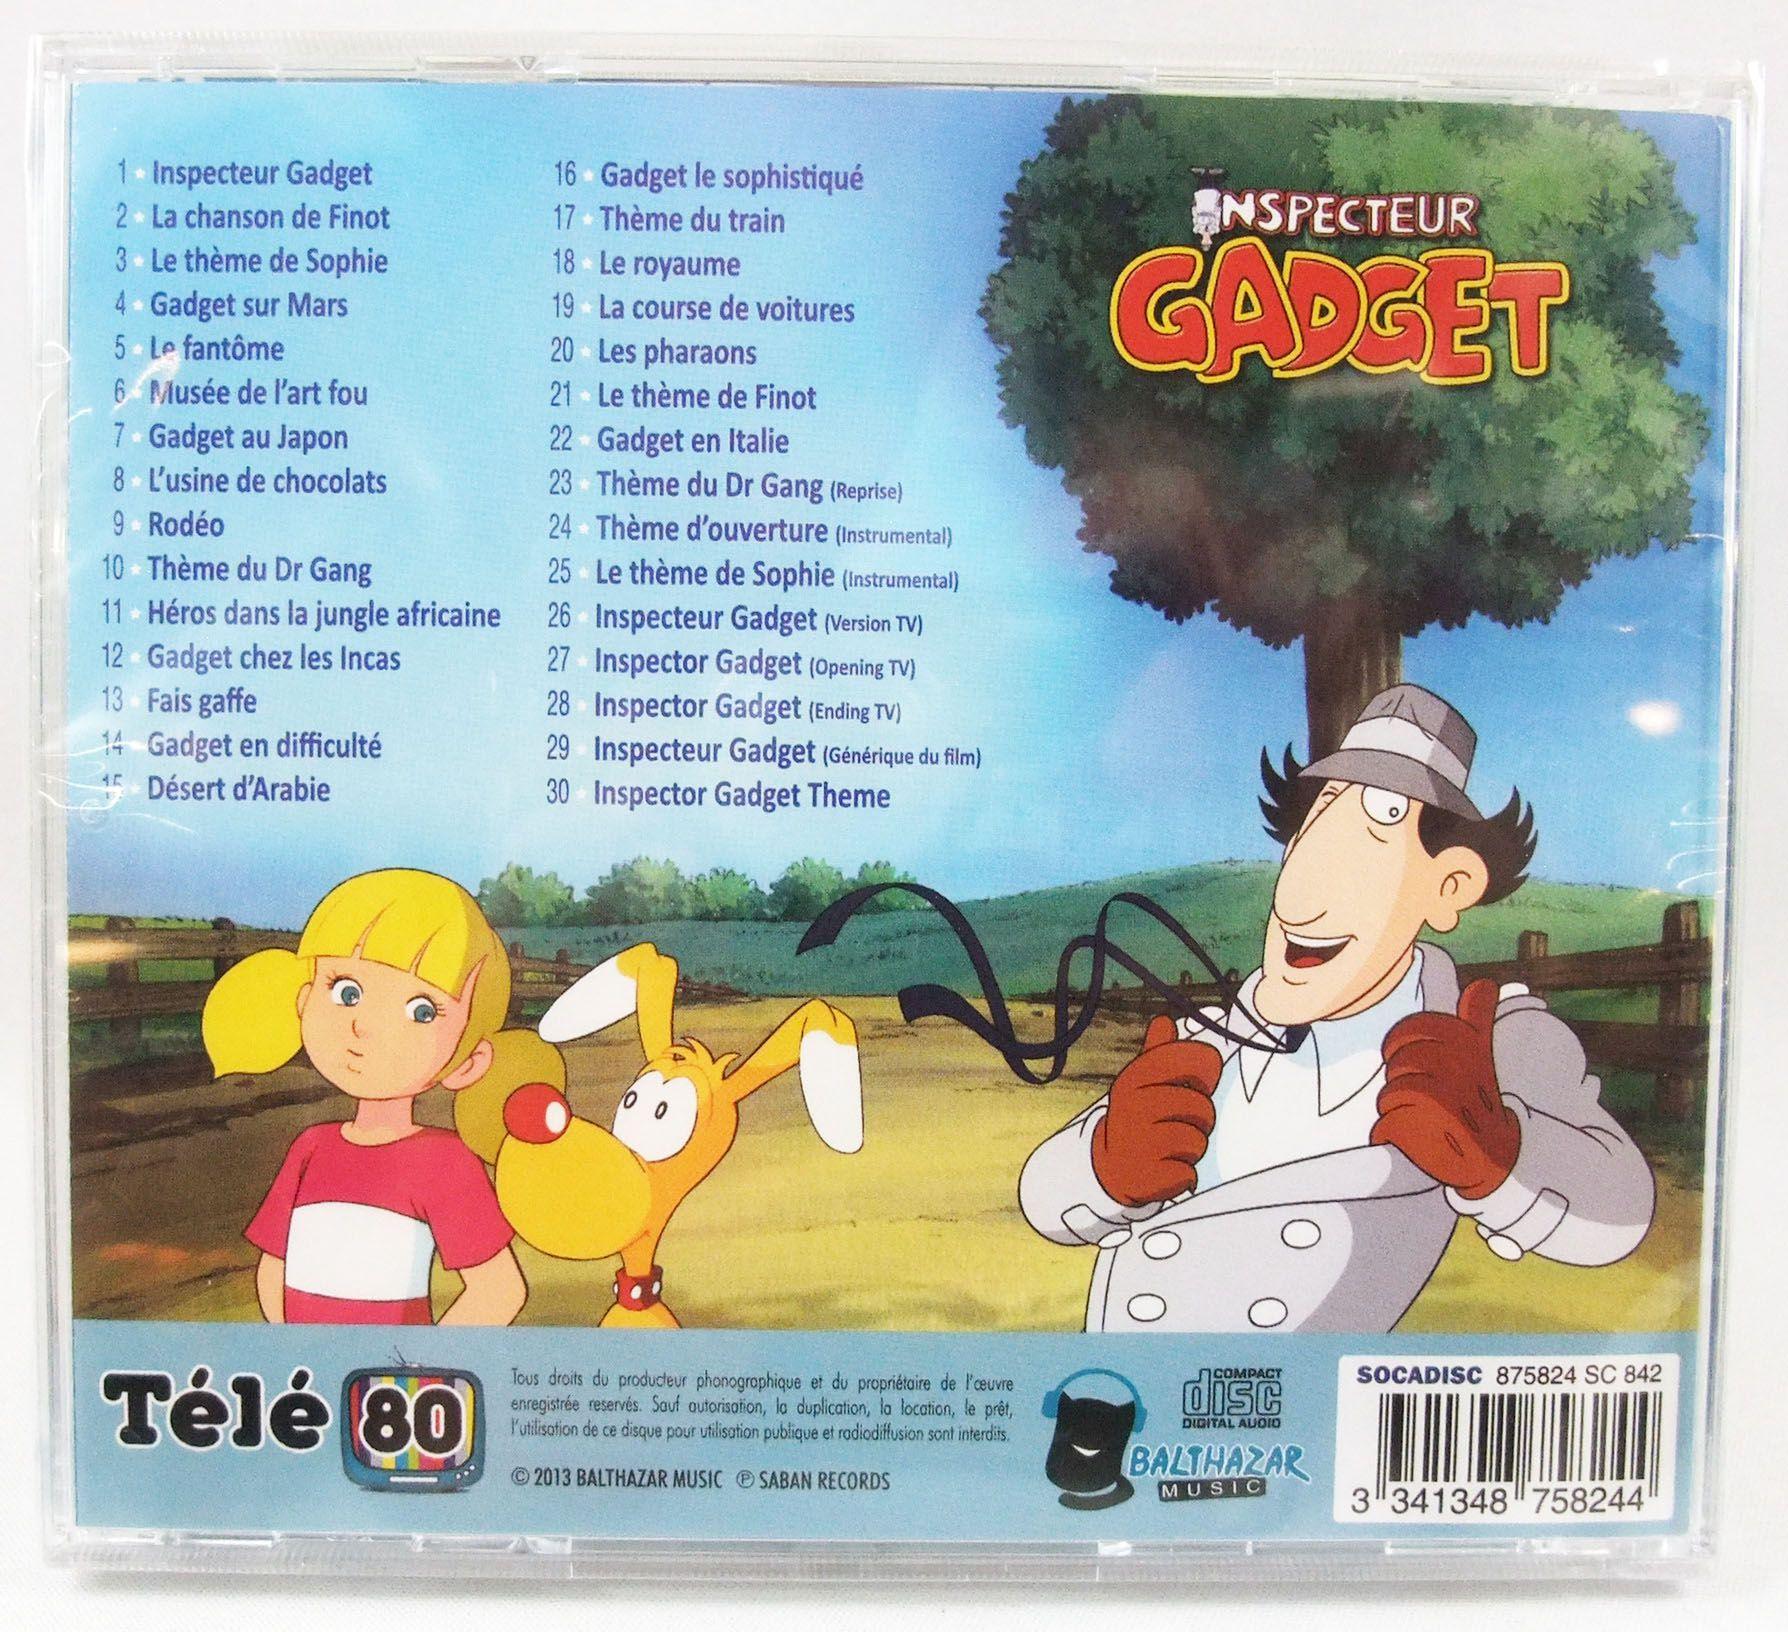 Inspecteur Gadget - CD audio Télé 80 - Bande originale remasterisée